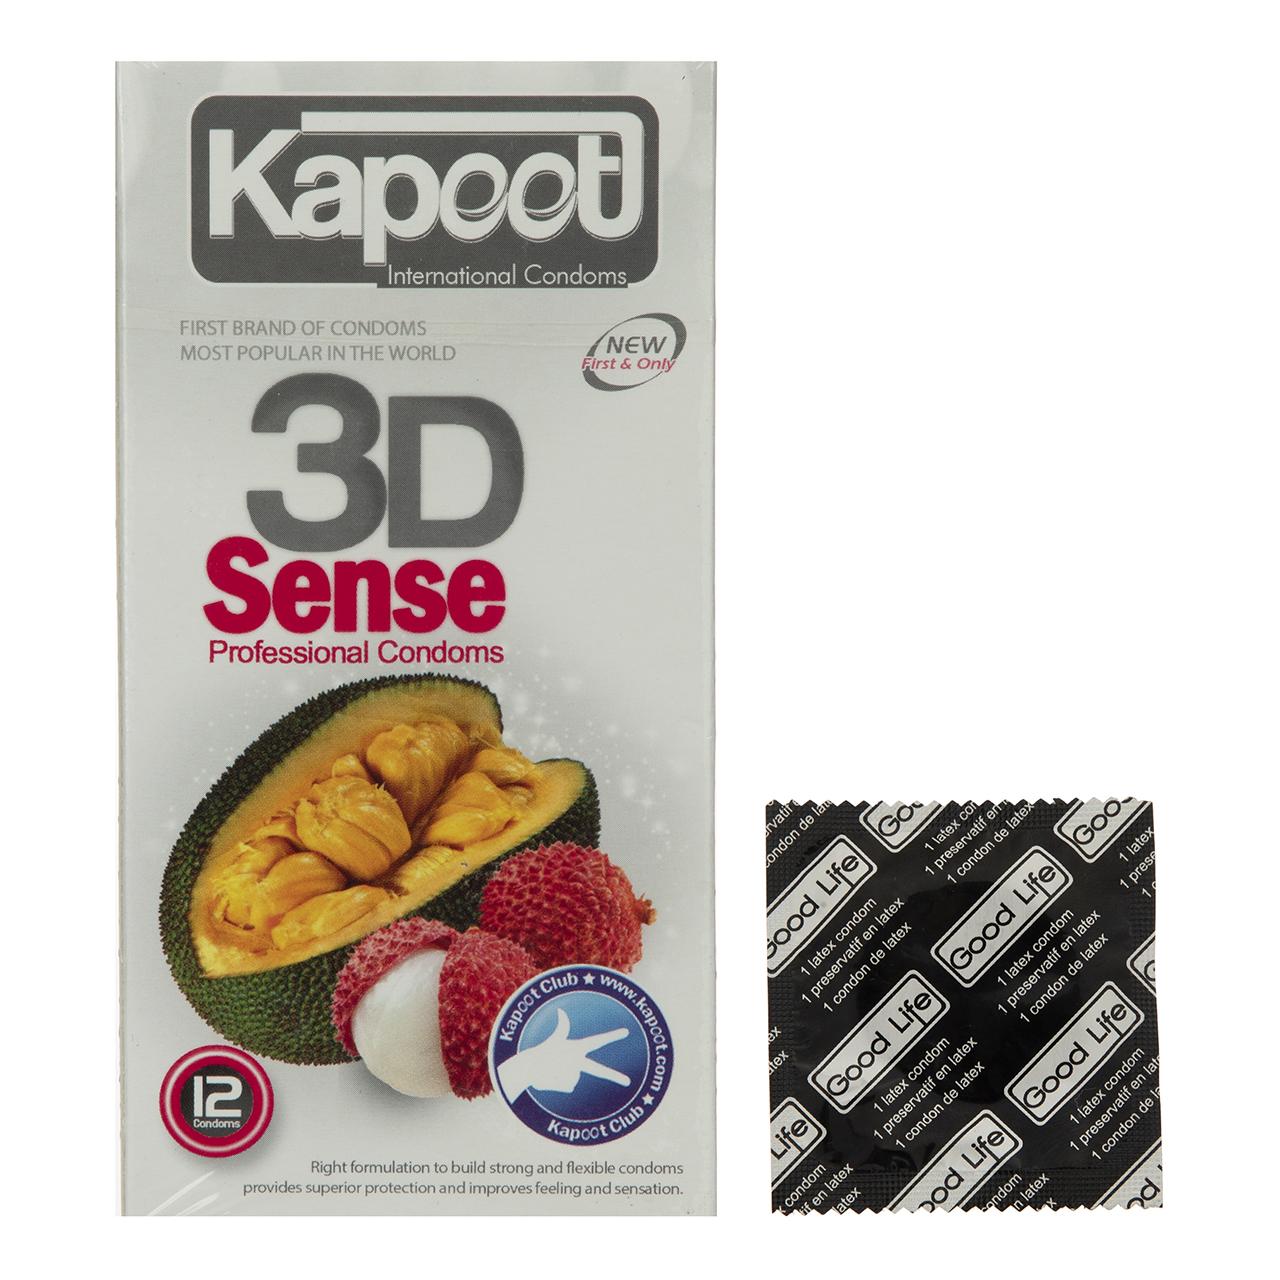 قیمت کاندوم خاردار کاپوت مدل 3D Sense بسته 12 عددی به همراه یک عدد کاندوم Good Life